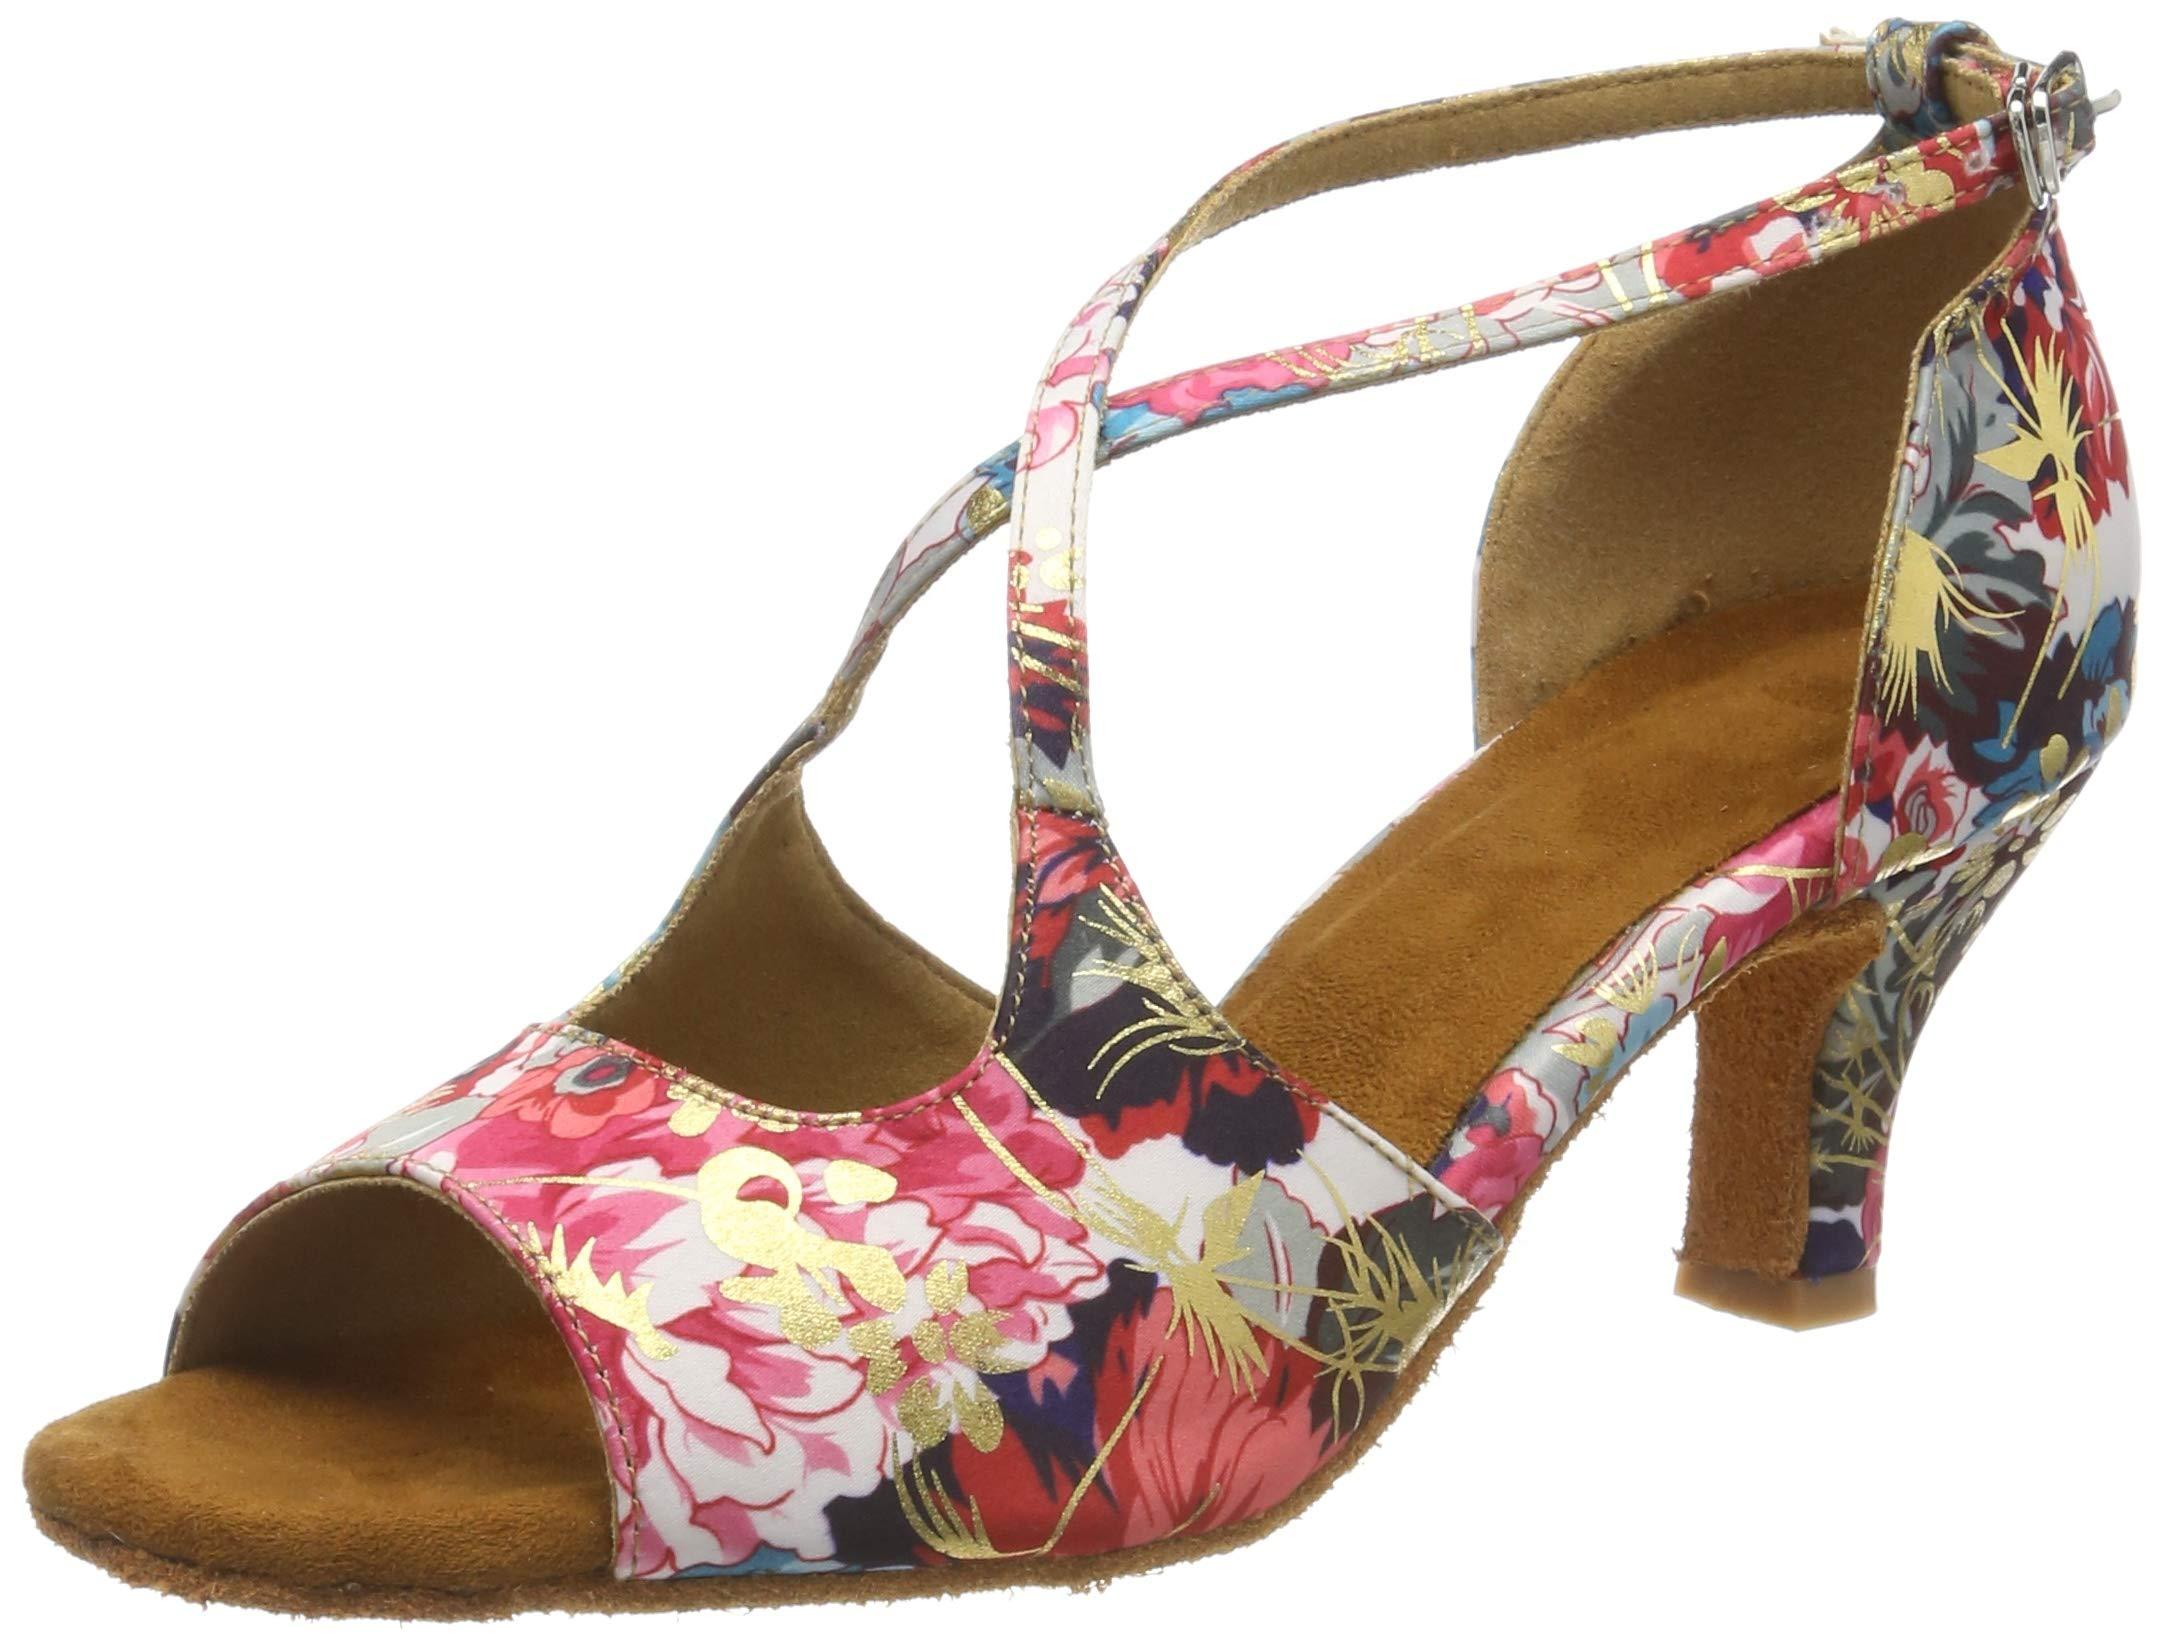 2510f5c0c0dc HXYOO Chaussures de Danse de Salon pour Les Femmes Chaussures de Salsa  Latine WK013 product image